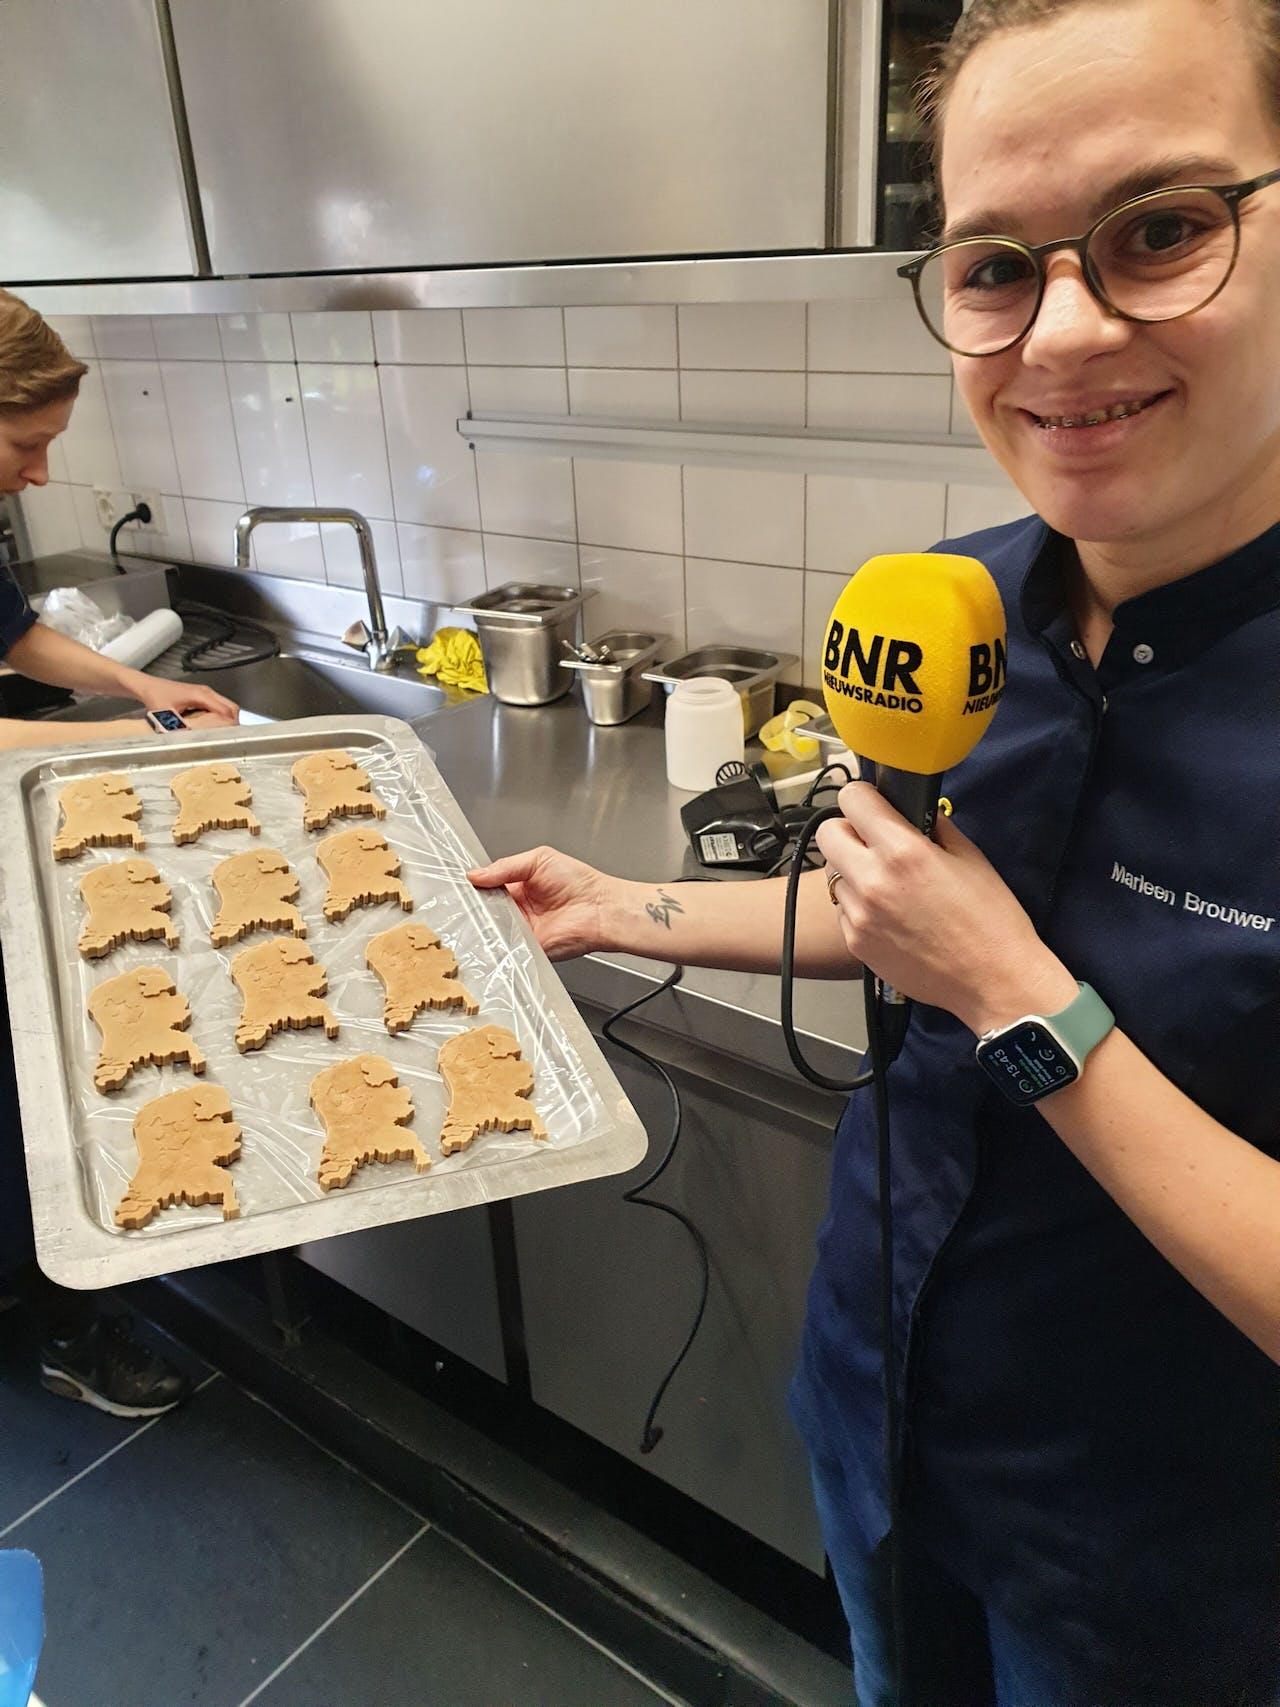 Marleen Brouwer met haar dessert: een cremeux in de vorm van Nederland